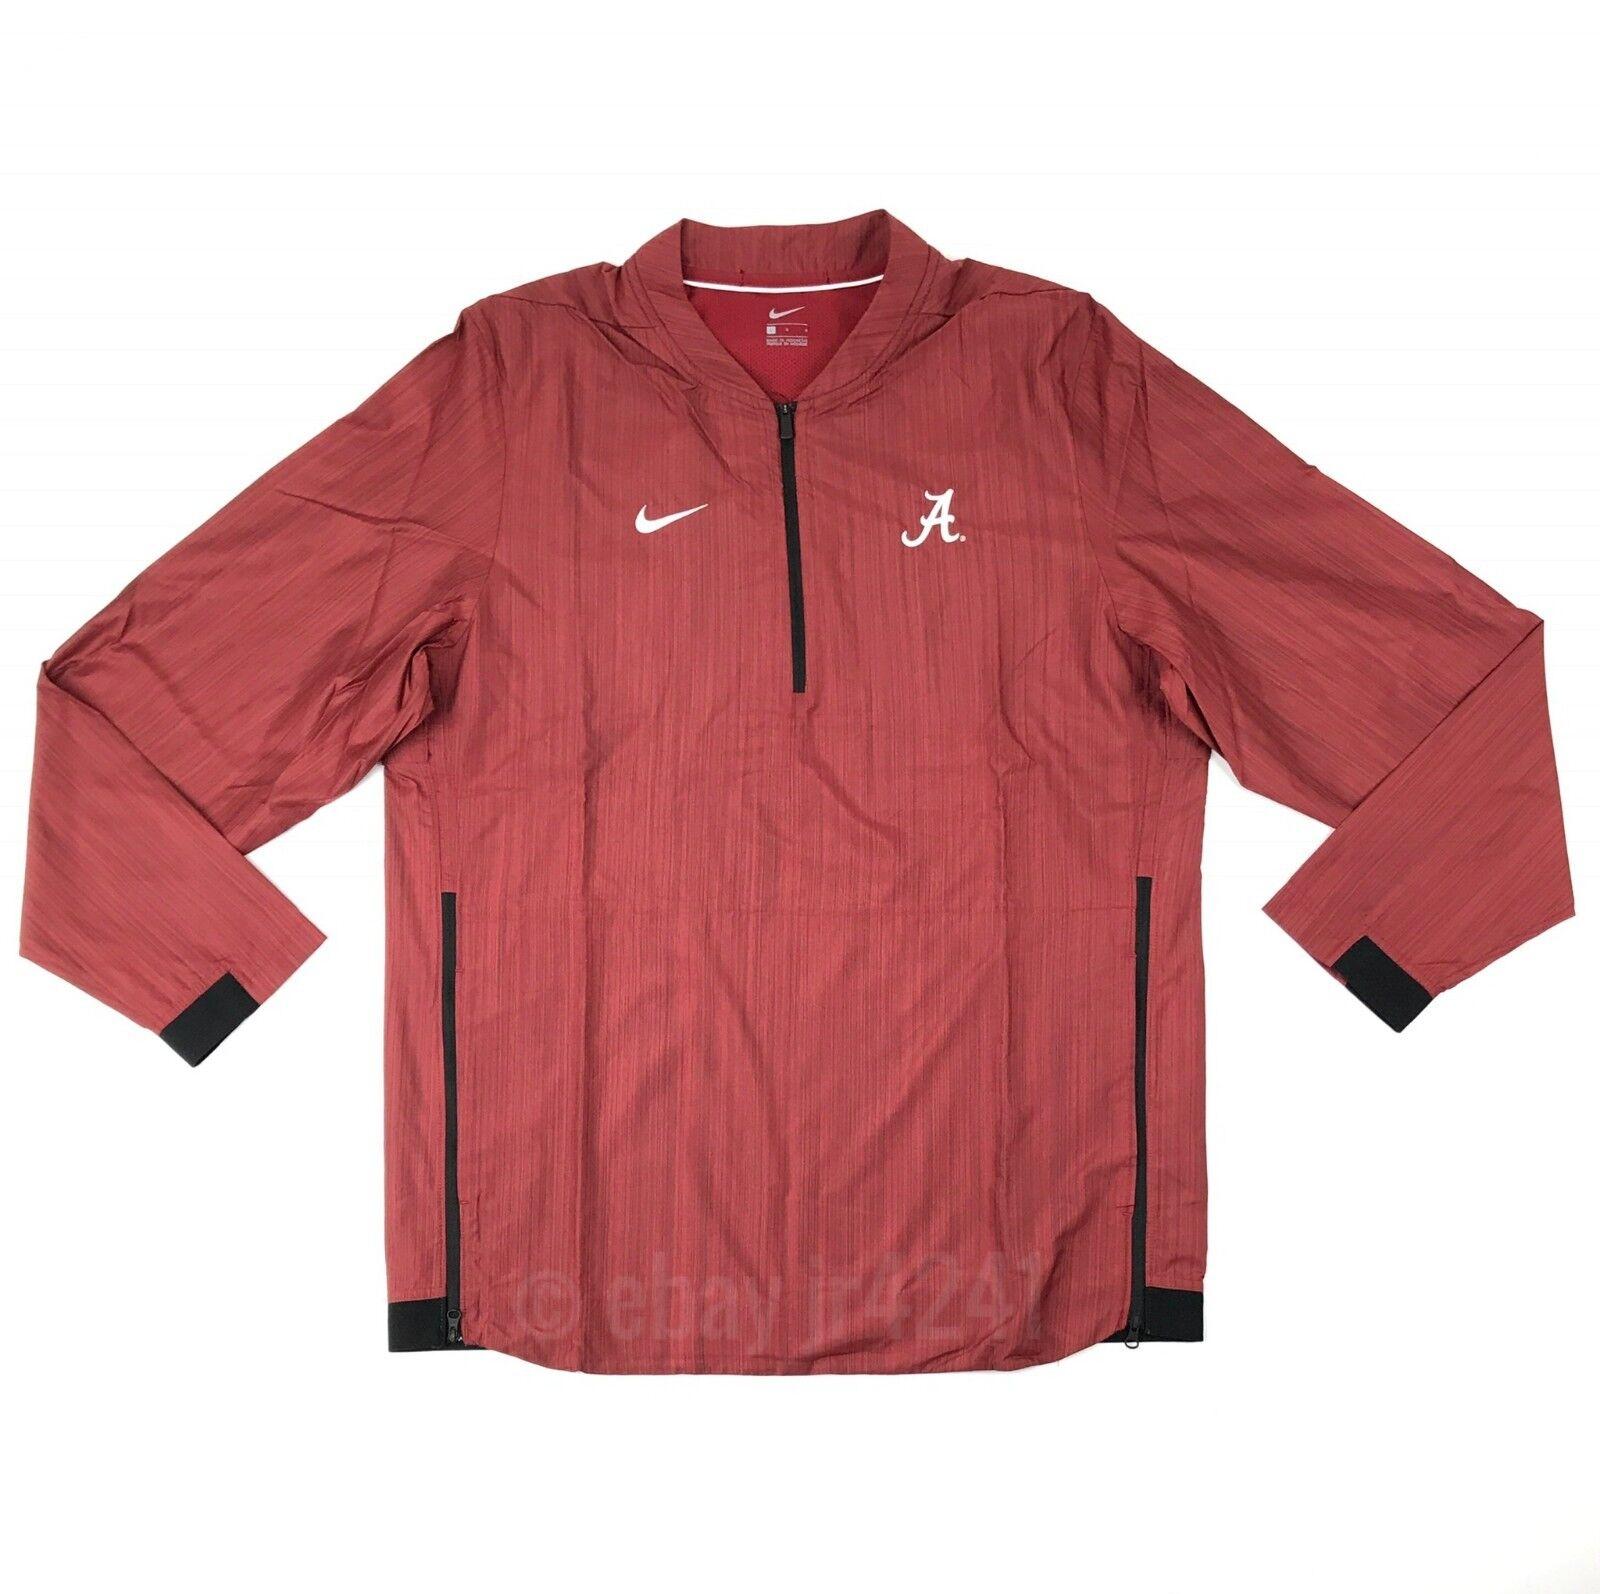 7f39d2017187 Details about New Nike Alabama Crimson Tide Lockdown Jacket Men s Large Red  1 4 Zip  75 908417